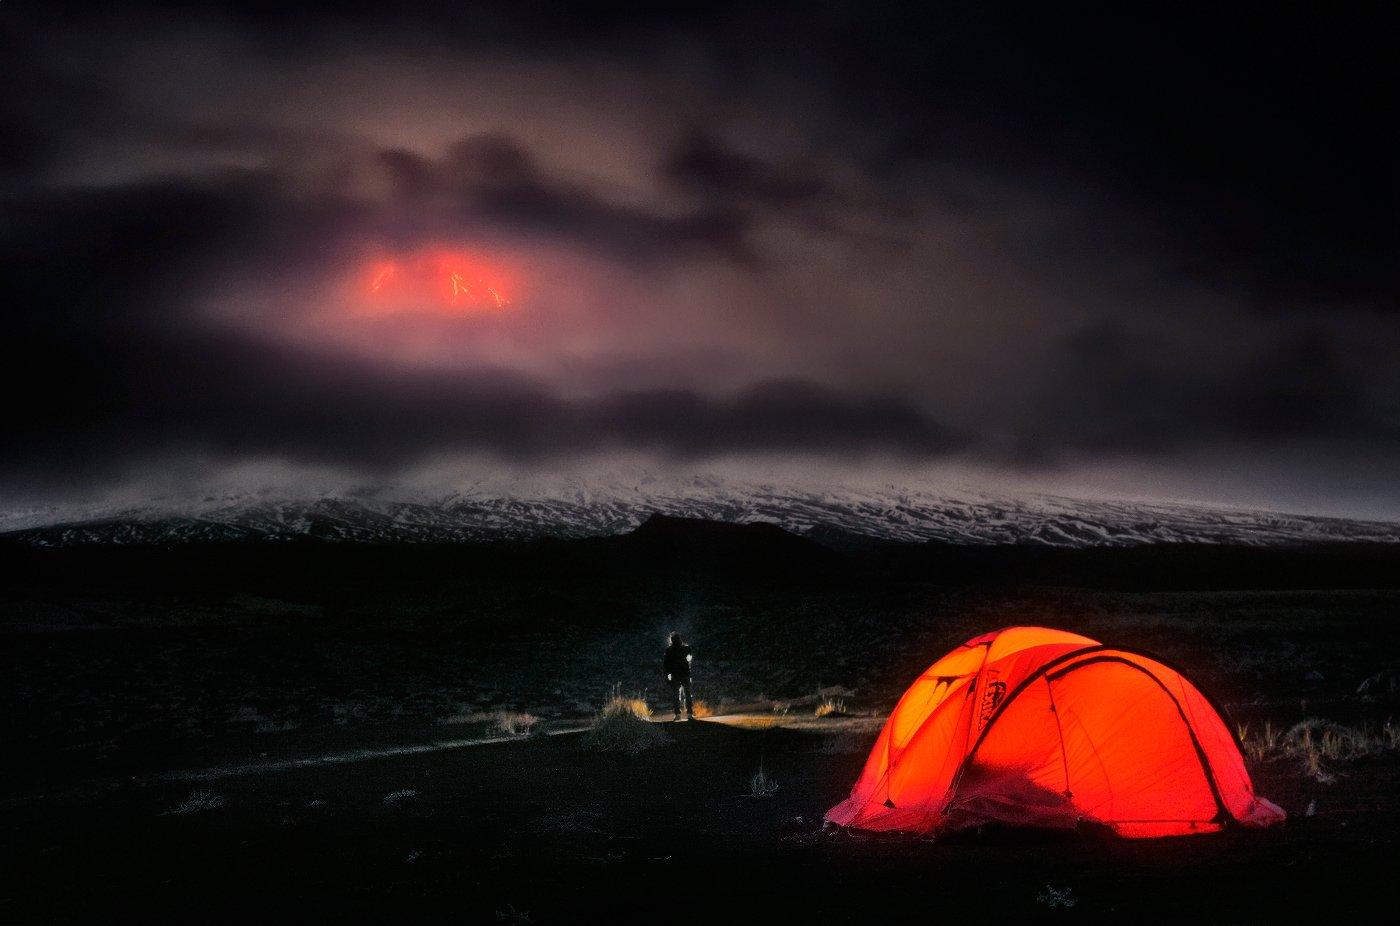 камчатка, ключевской, вулкан, извердение, ночь, Бродяга с севера